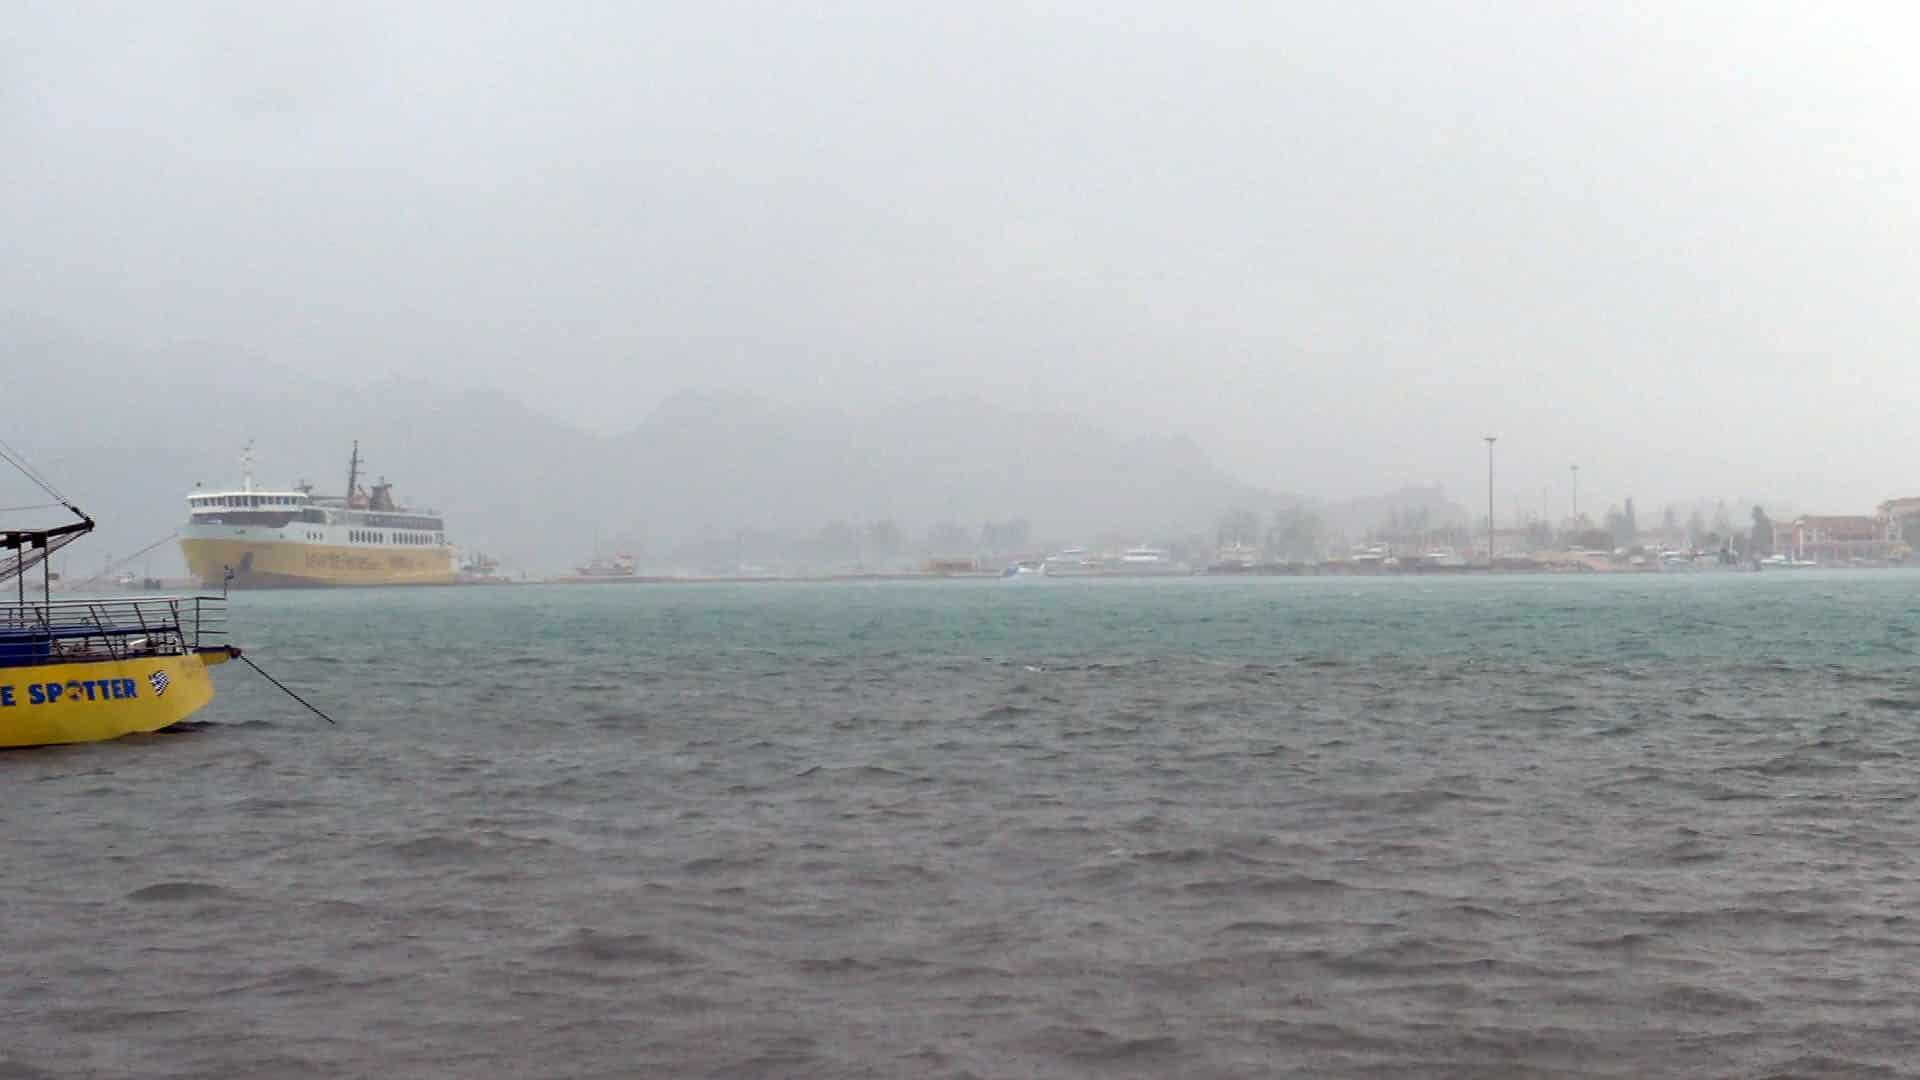 Κακοκαιρία – Η «Αθηνά» πλήττει το Ιόνιο – Πλημμυρισμένοι δρόμοι, κλειστά σχολεία, διακοπές ρεύματος